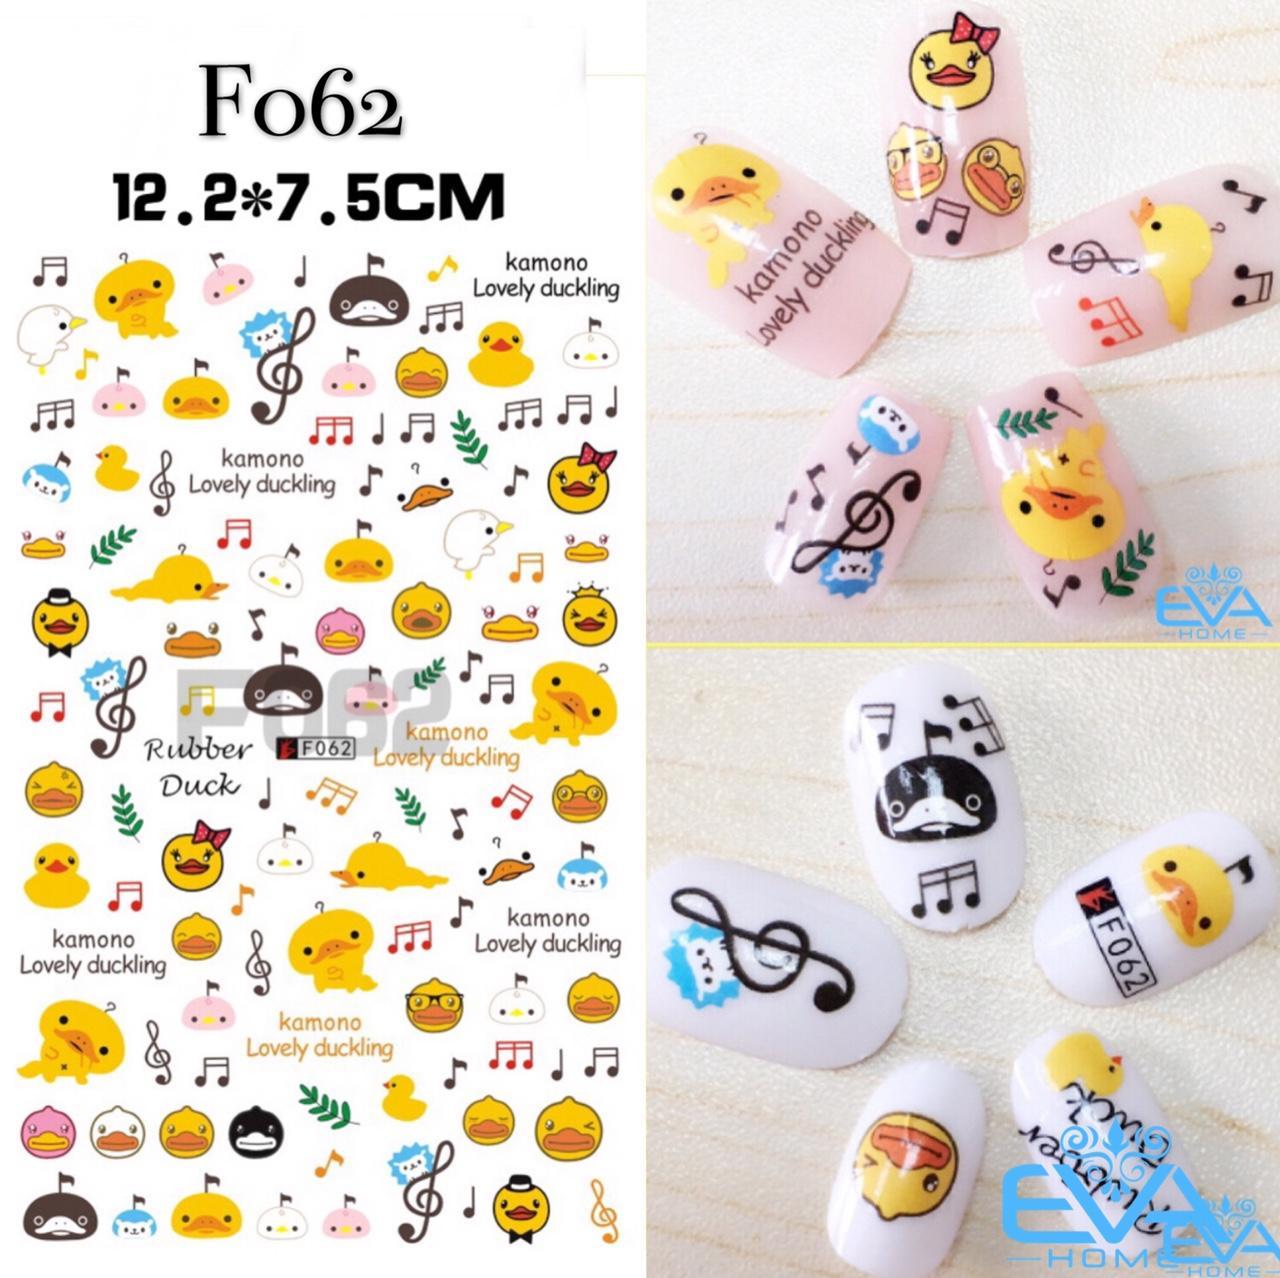 Miếng Dán Móng Tay 3D Nail Sticker Hoạt Hình Rubber Duck F062 tốt nhất